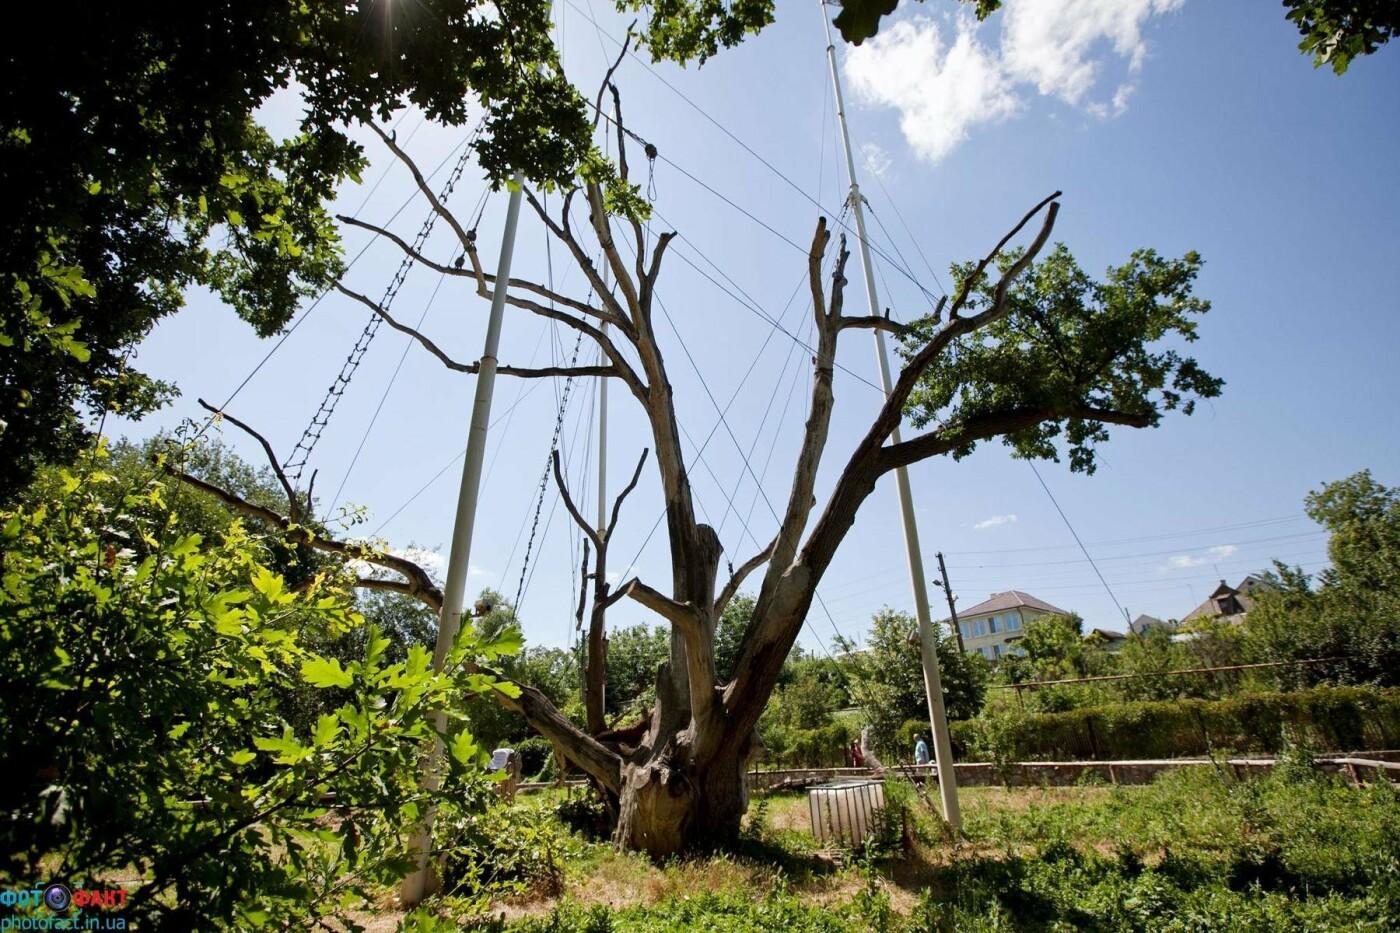 Опасен для граждан: Запорожский дуб перед сносом лишат статуса ботанической памятки, фото-2